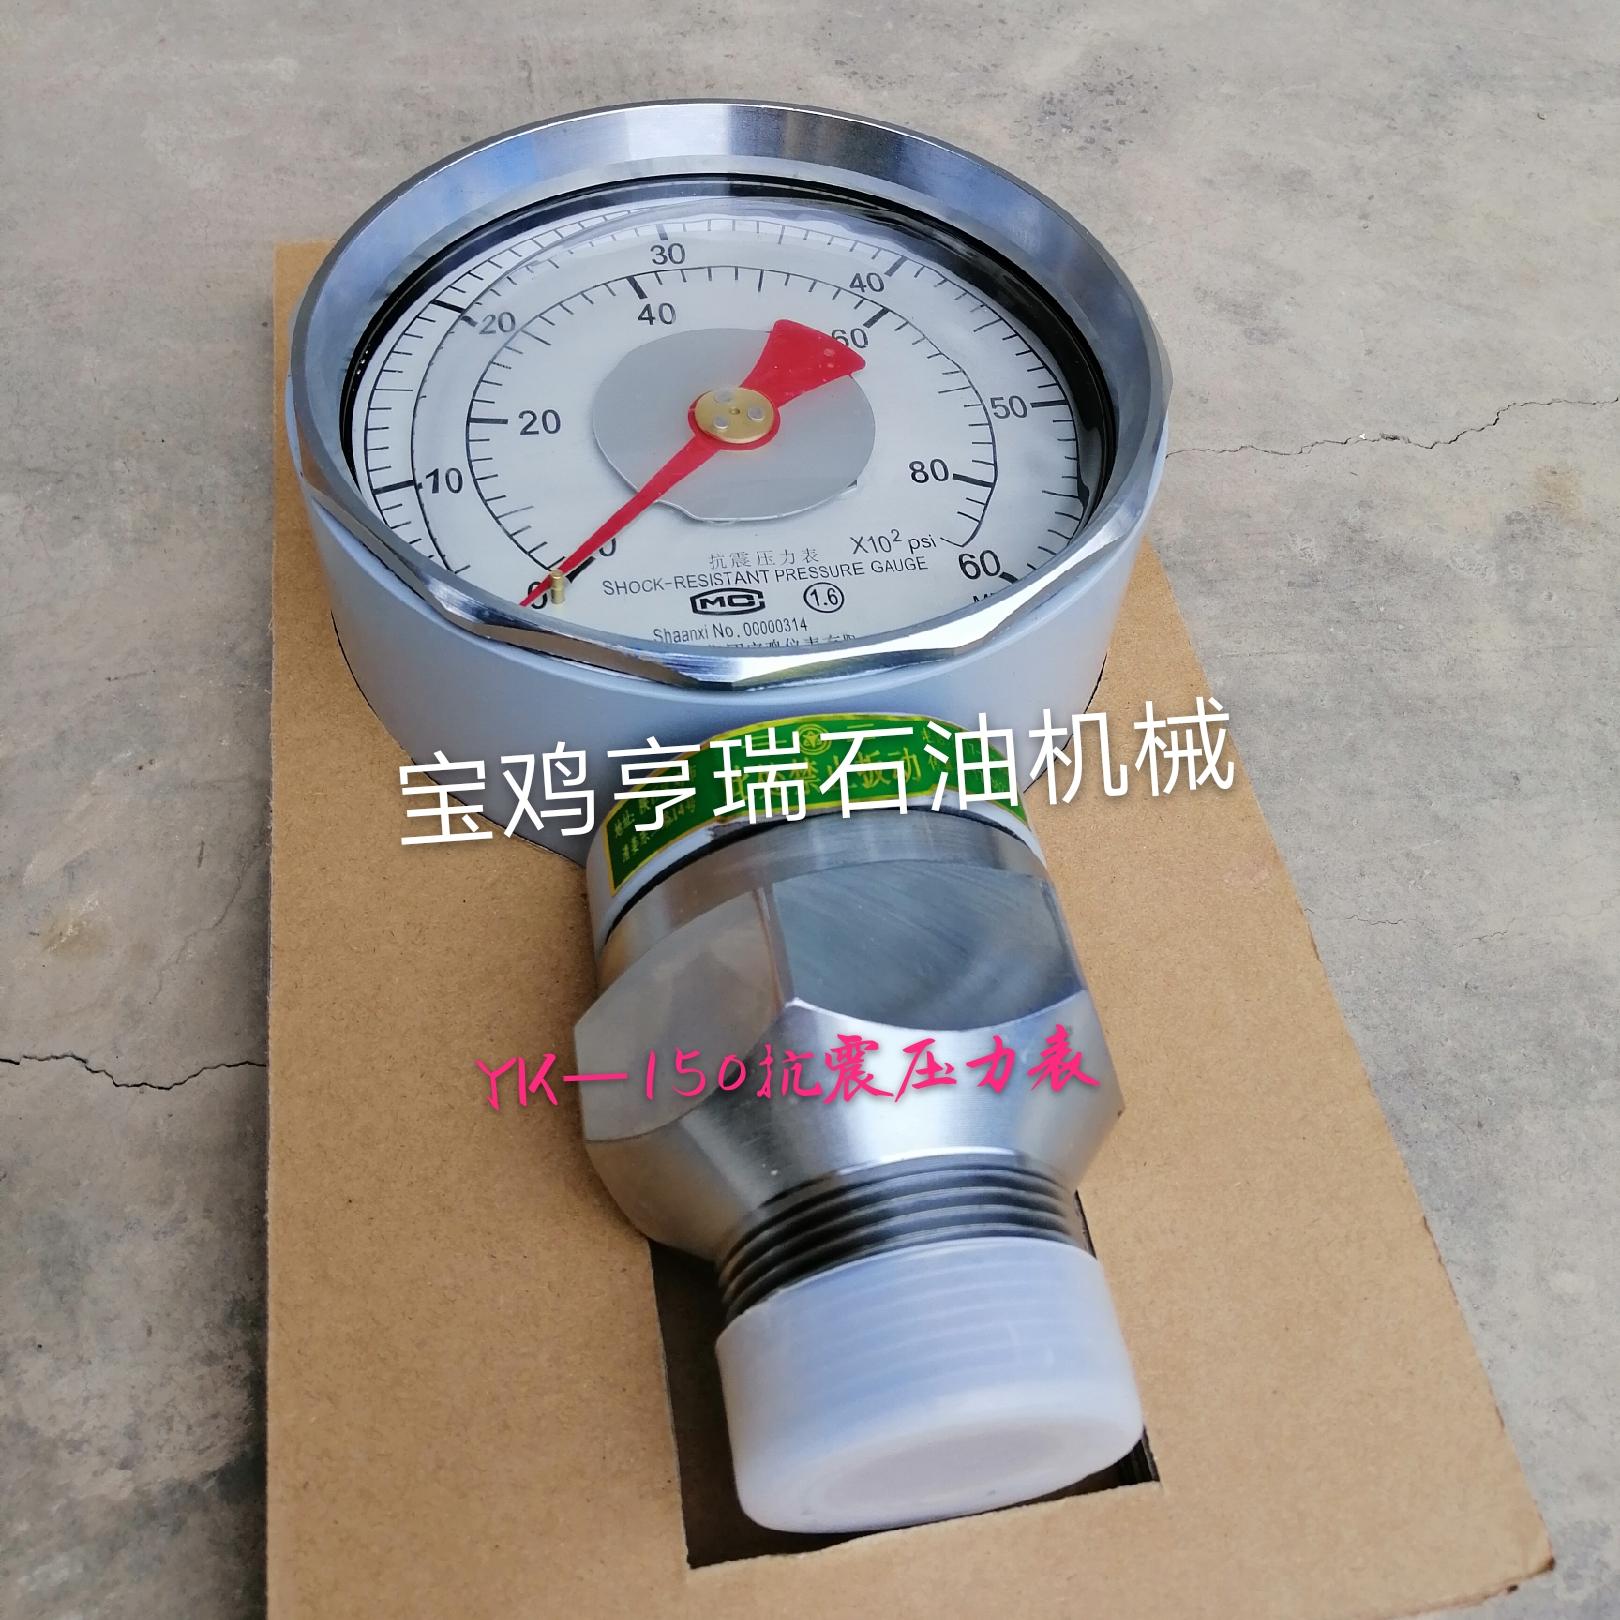 宝鸡亨瑞供应泥浆泵配件:YK-150抗震压力表